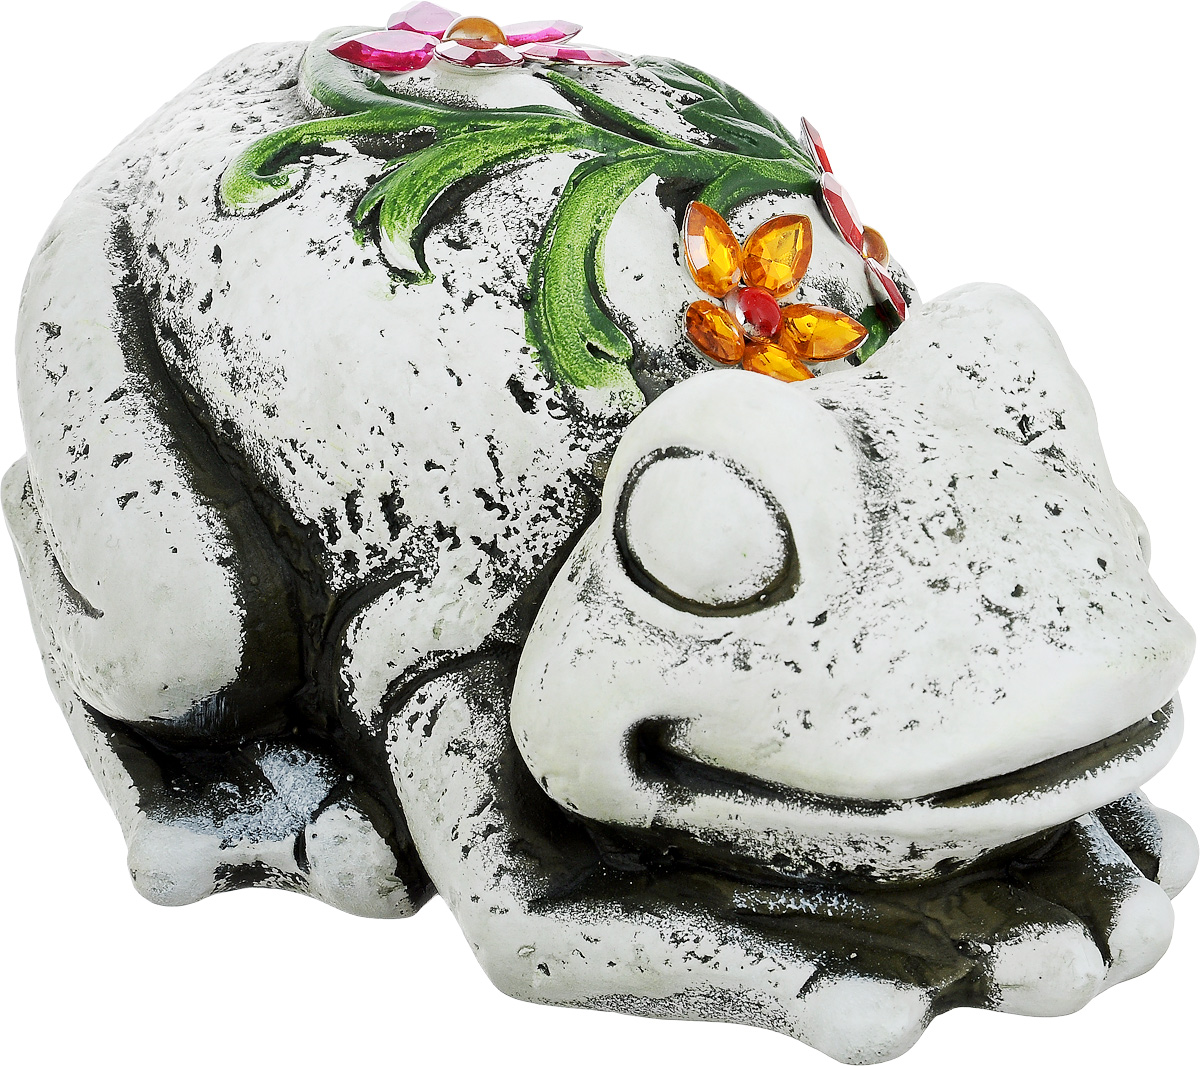 Фигурка декоративная Лилло Лягушка, цвет: серый, зеленый, красный, длина 21 смFLY3204-2Декоративная фигурка Лягушка станет необычным аксессуаром для вашего интерьера и создаст незабываемую атмосферу. Фигурка изготовлена из керамики в виде лягушки. Эта очаровательная вещь послужит отличным подарком близкому человеку, родственнику или другу, а также подарит приятные мгновения и окунет вас в лучшие воспоминания.